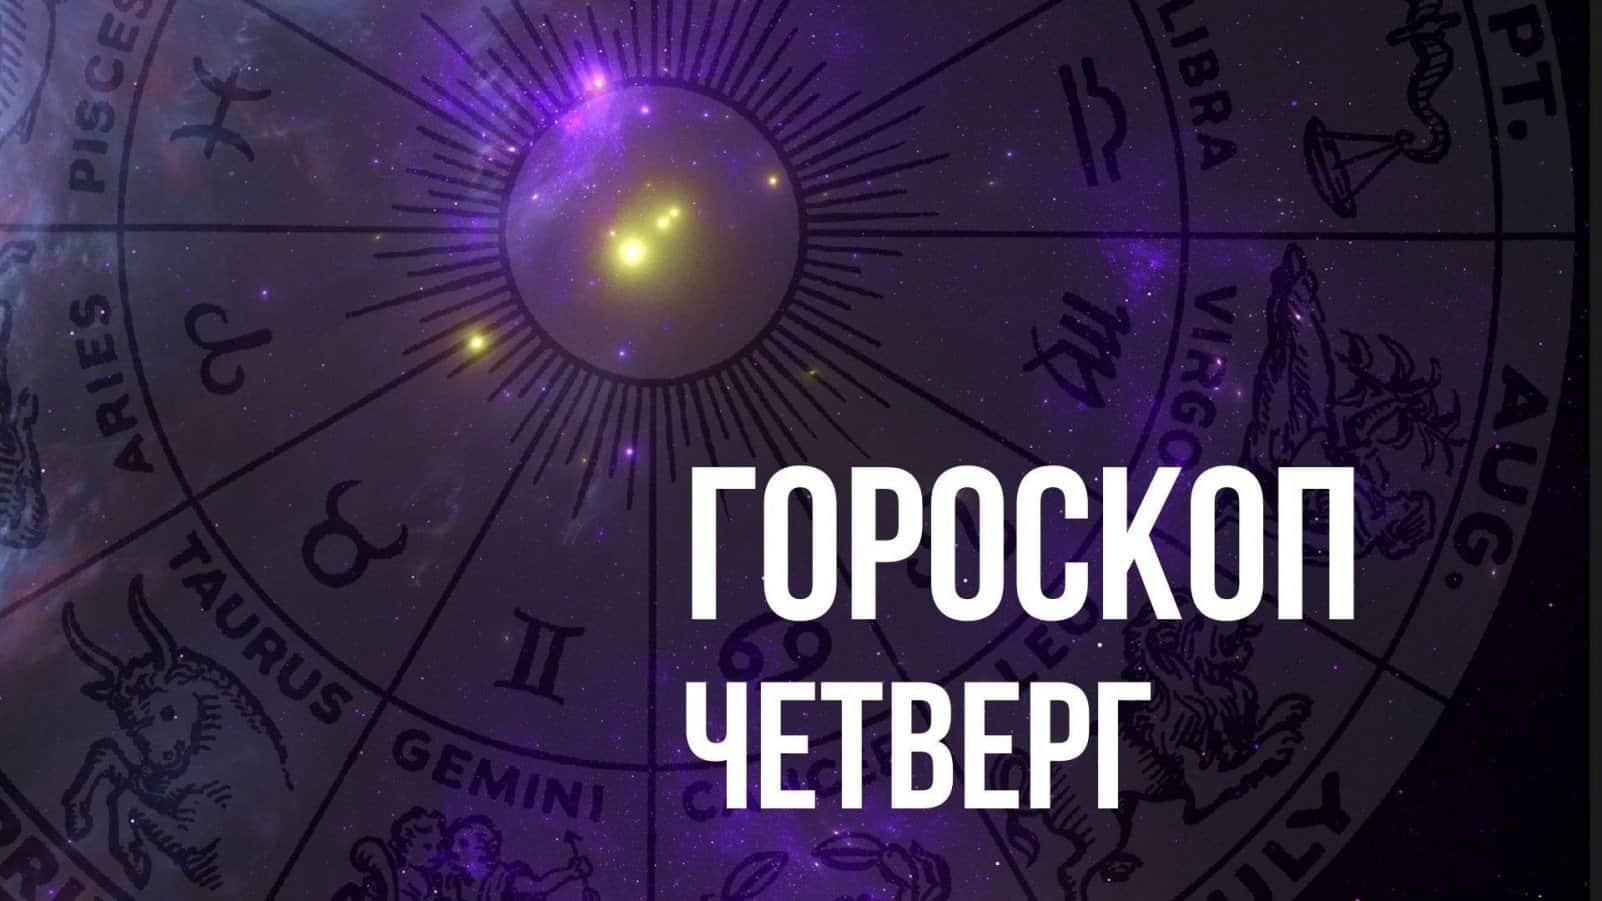 Гороскоп на четверг 27 мая для каждого знака Зодиака и про лунное затмение